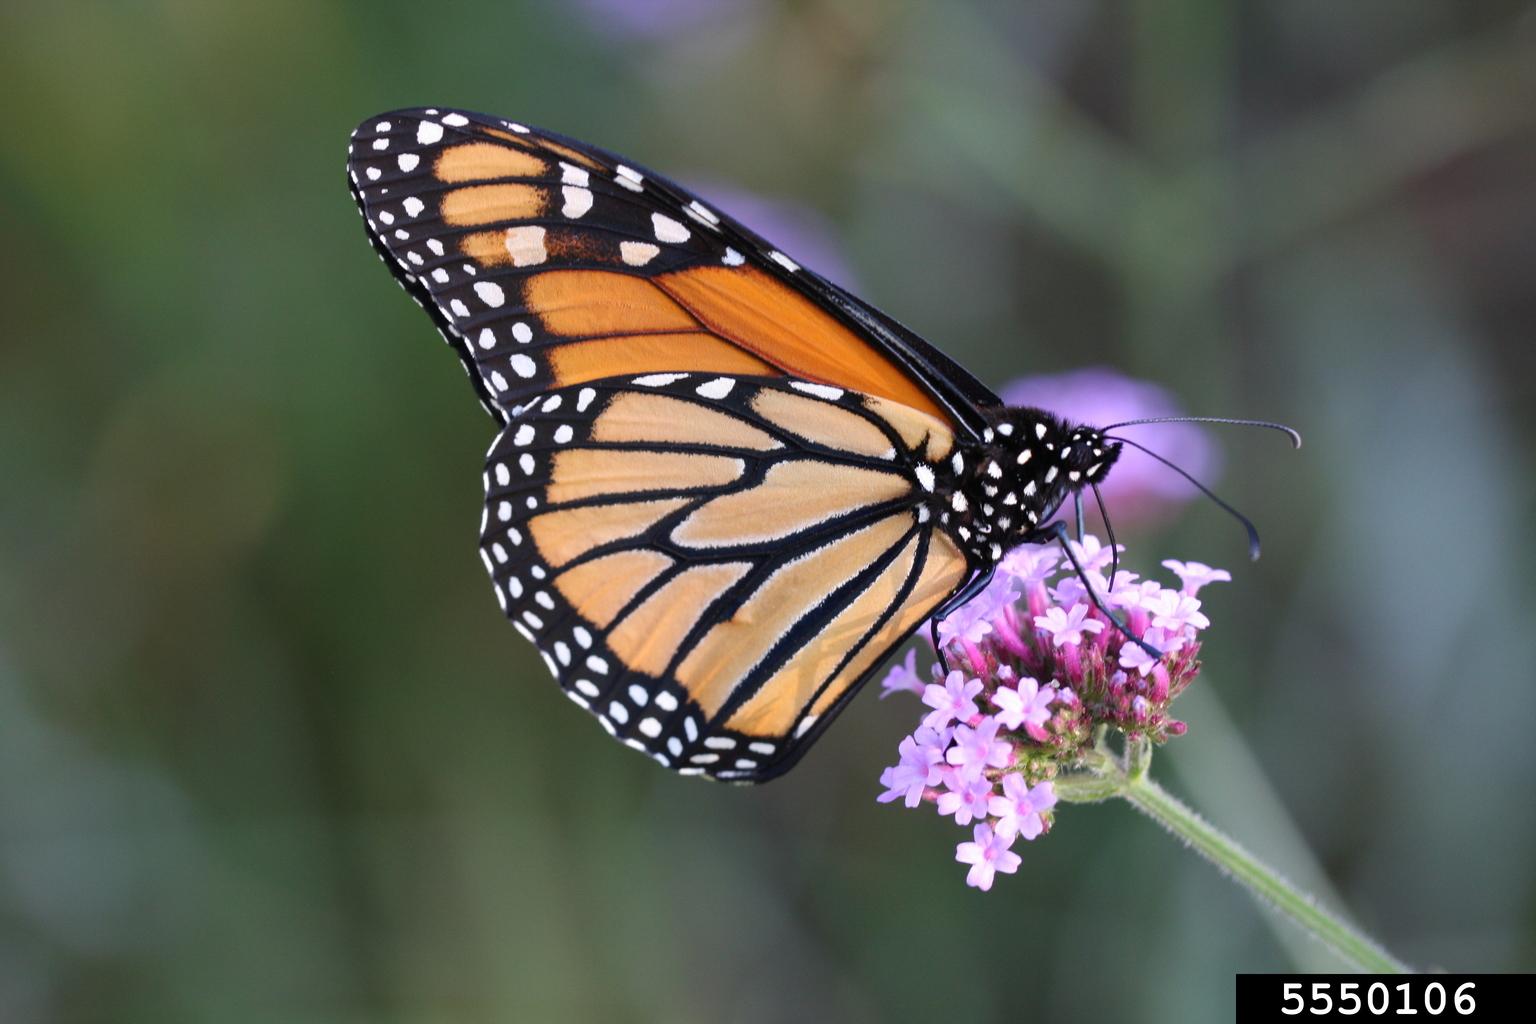 Monarch Butterfly Danaus Plexippus On Milkweed